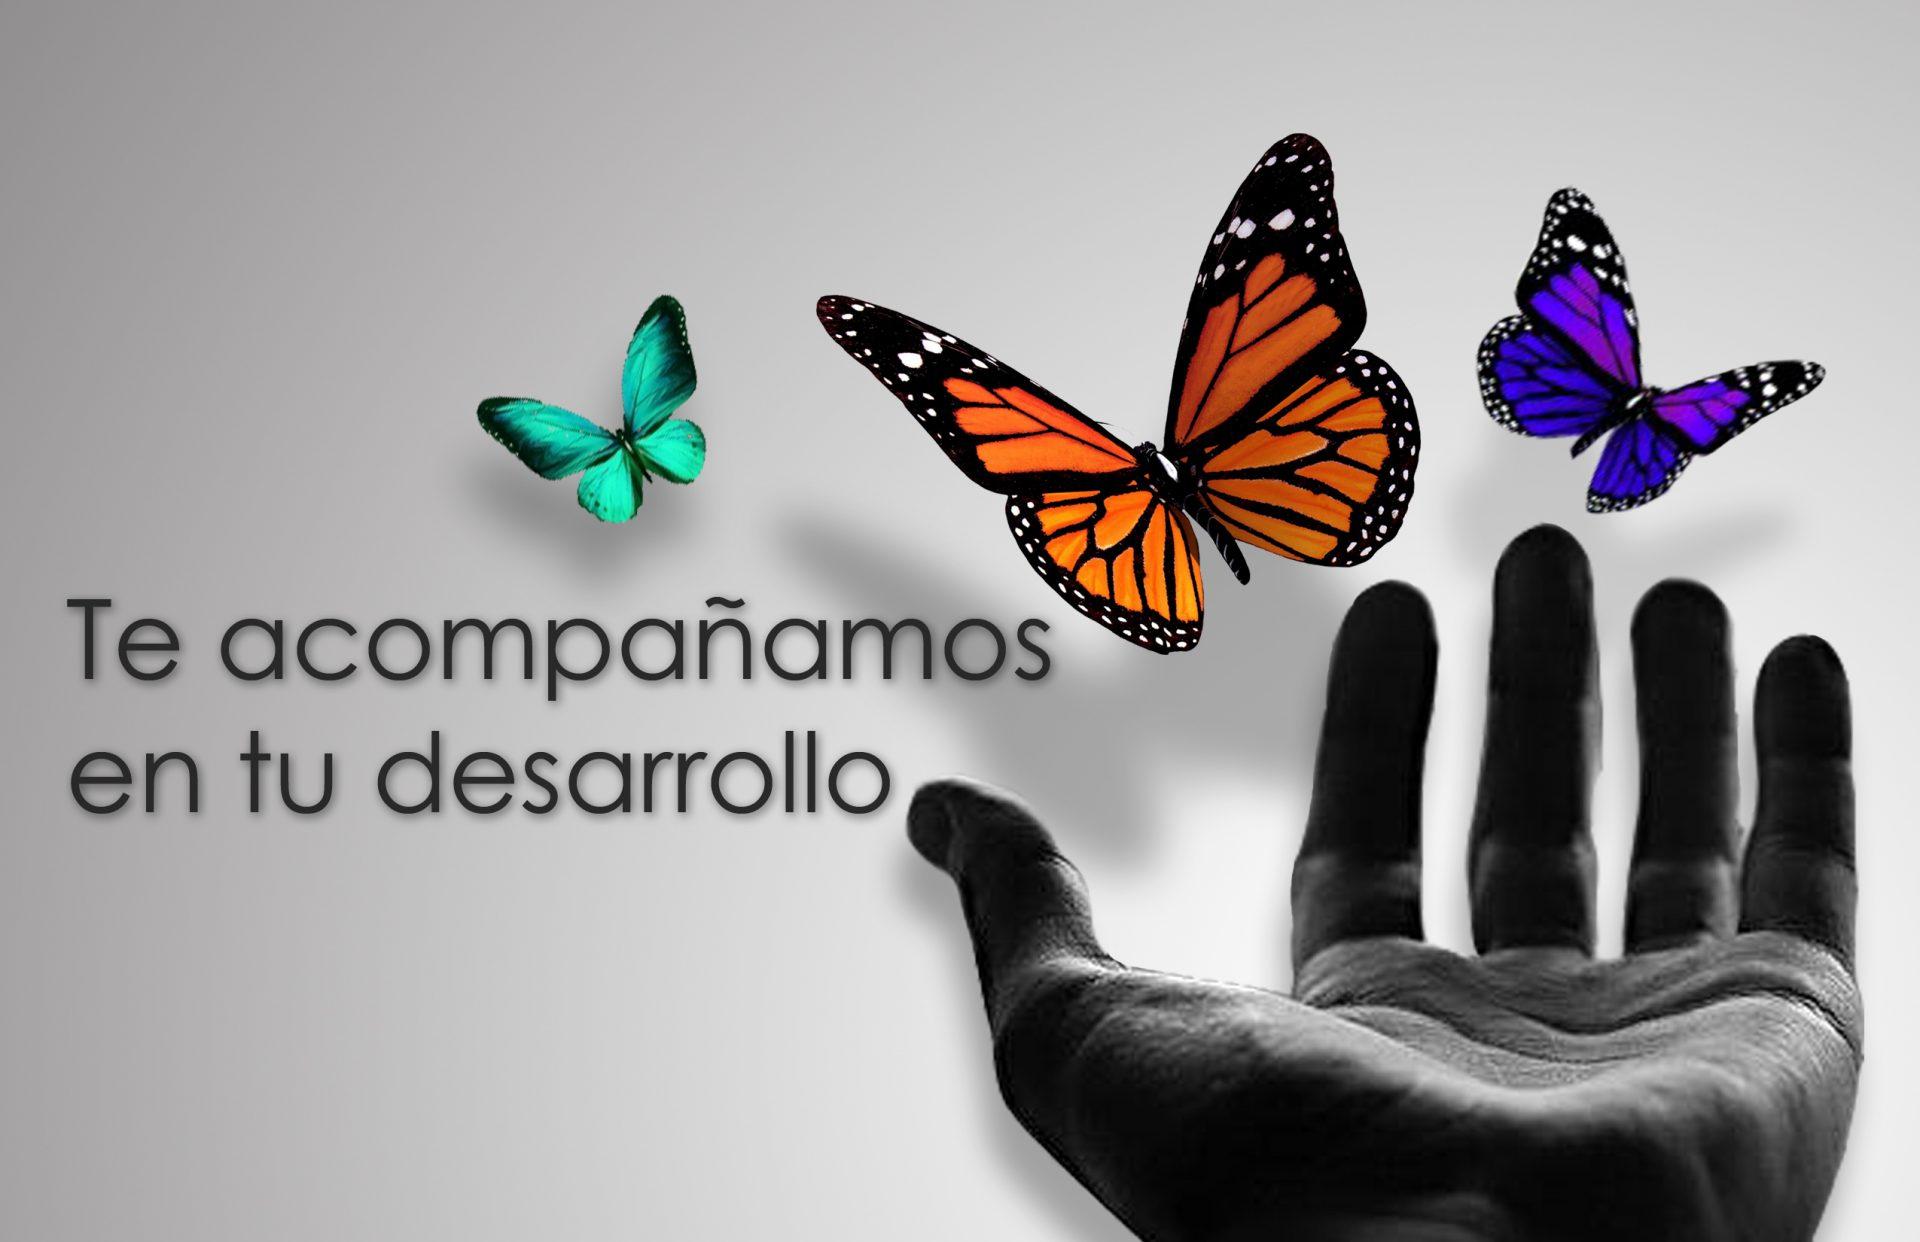 Te acompañamos en tu desarrollo. Psicólogo en Puerta de Hierro, Moncloa, Aravaca, Las Rozas, Torrelodones